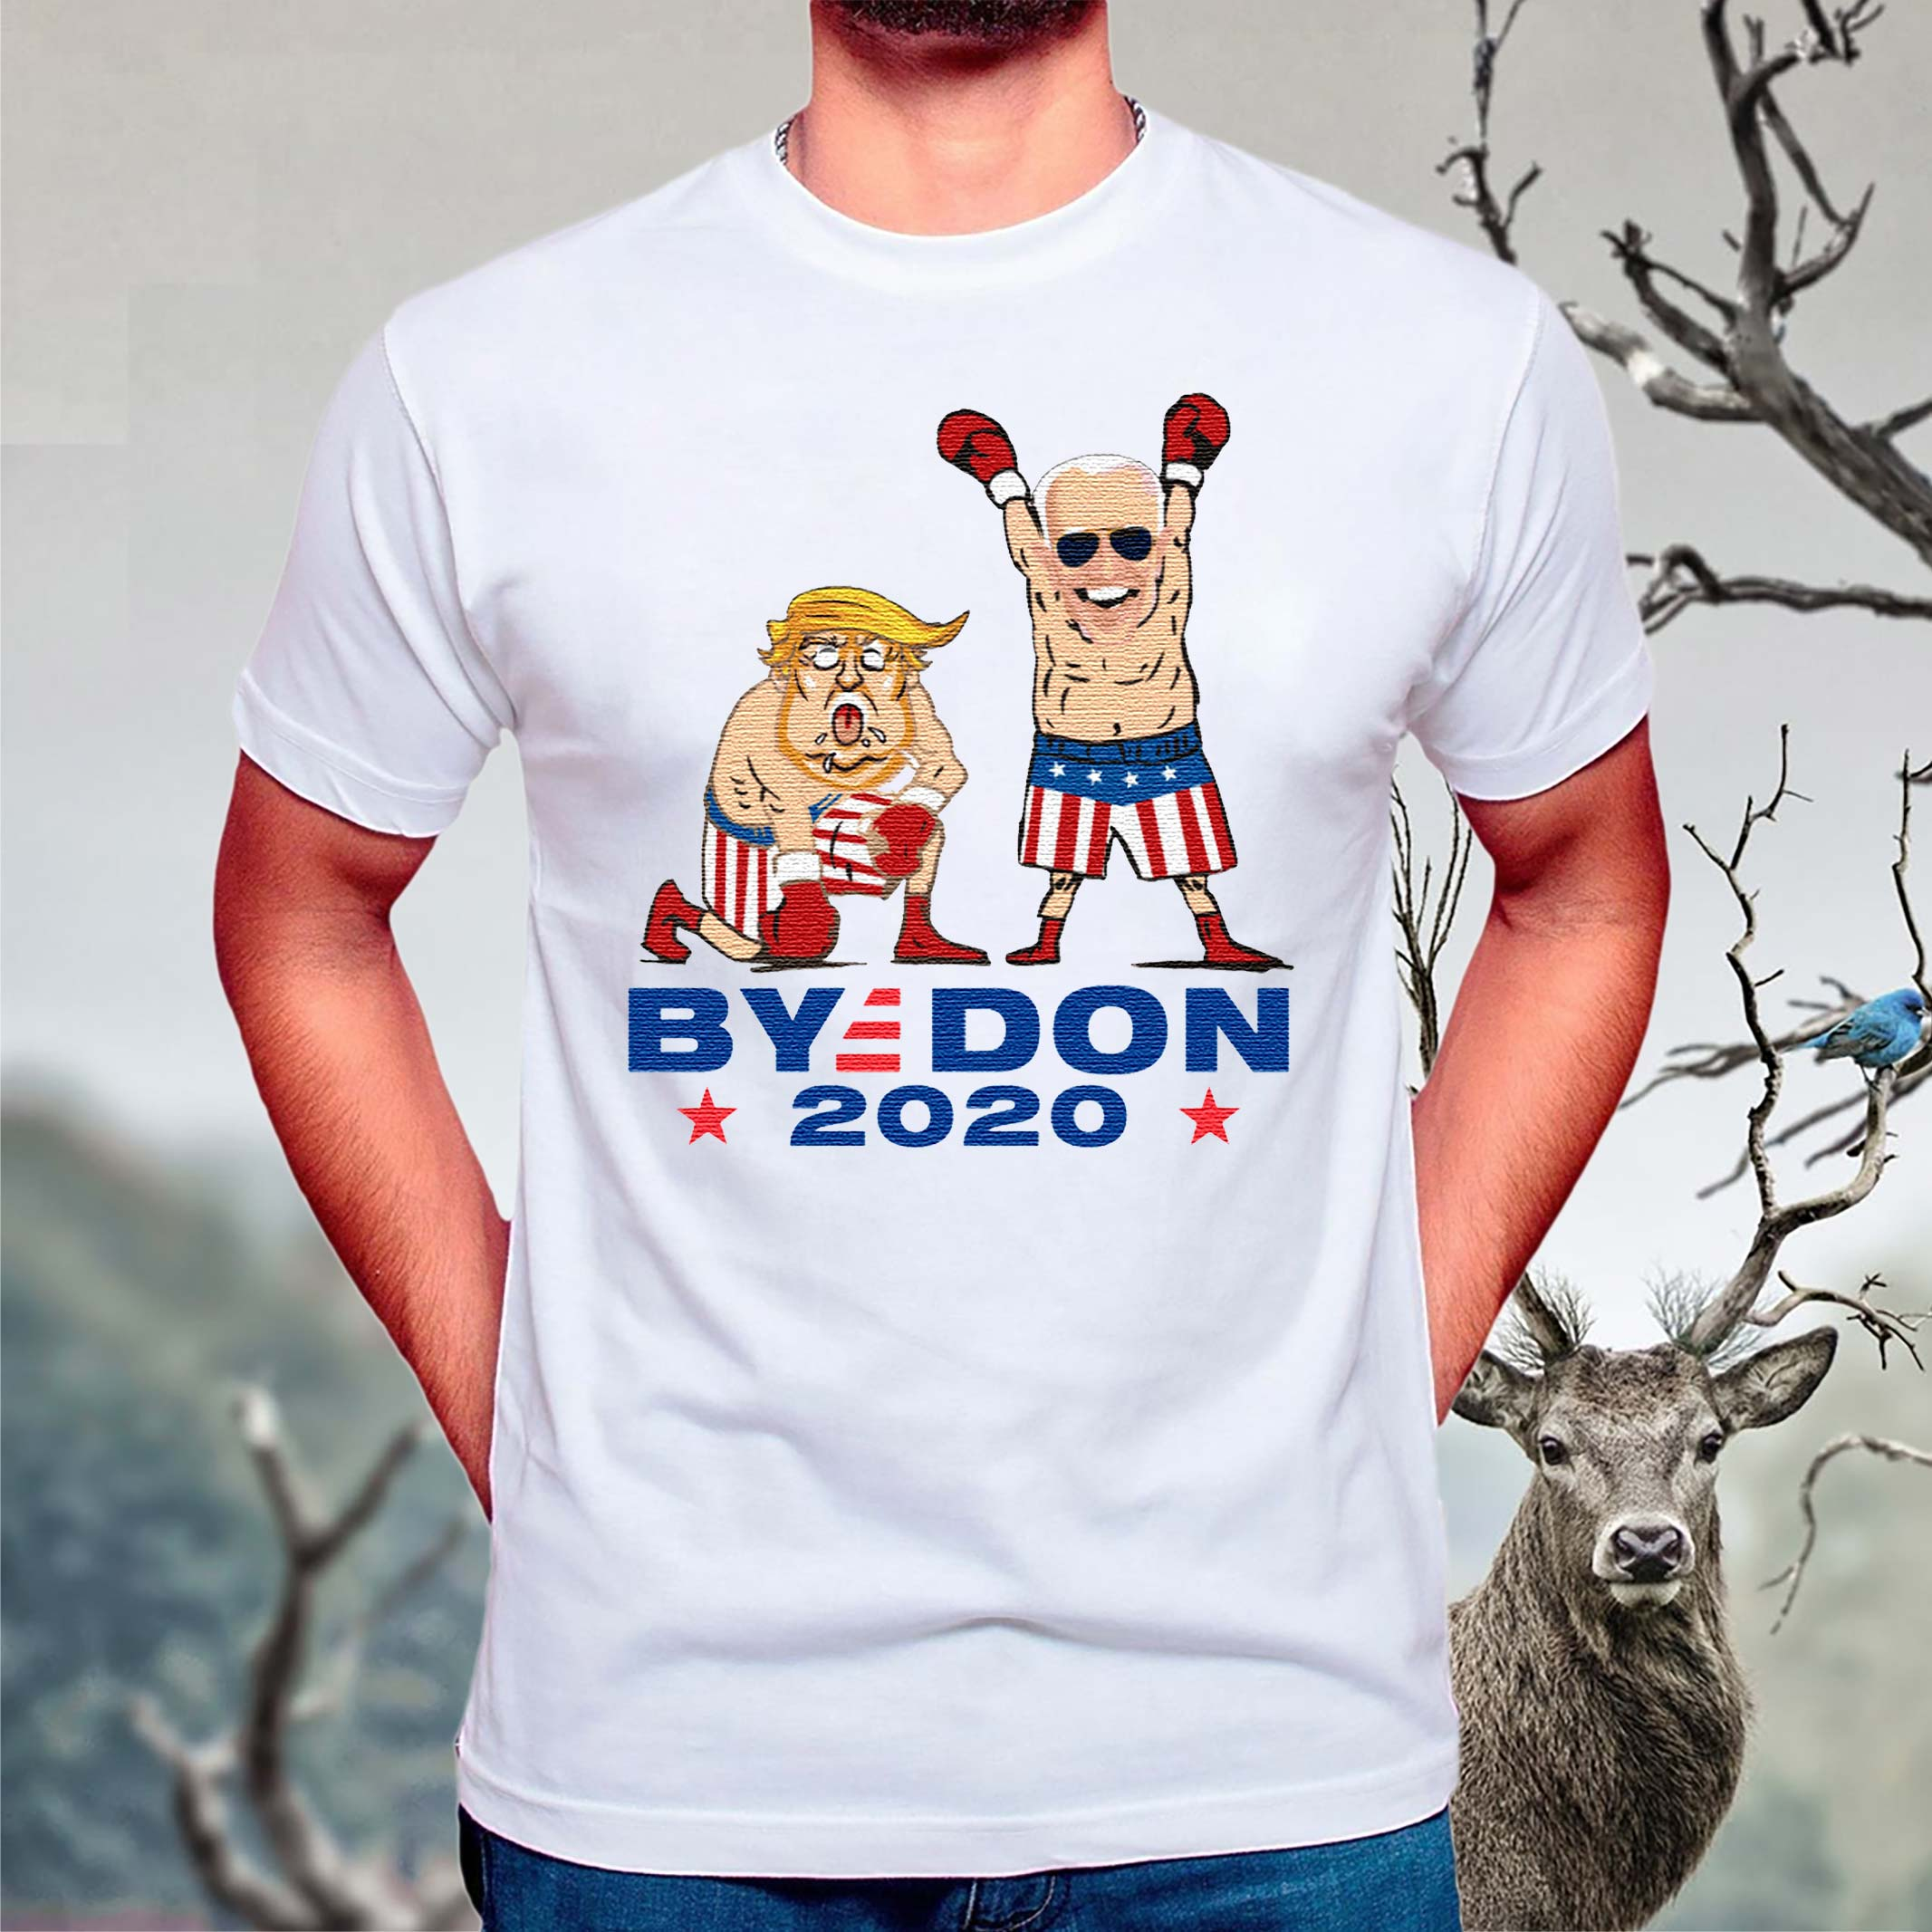 Bye-Don-2020-T-Shirt